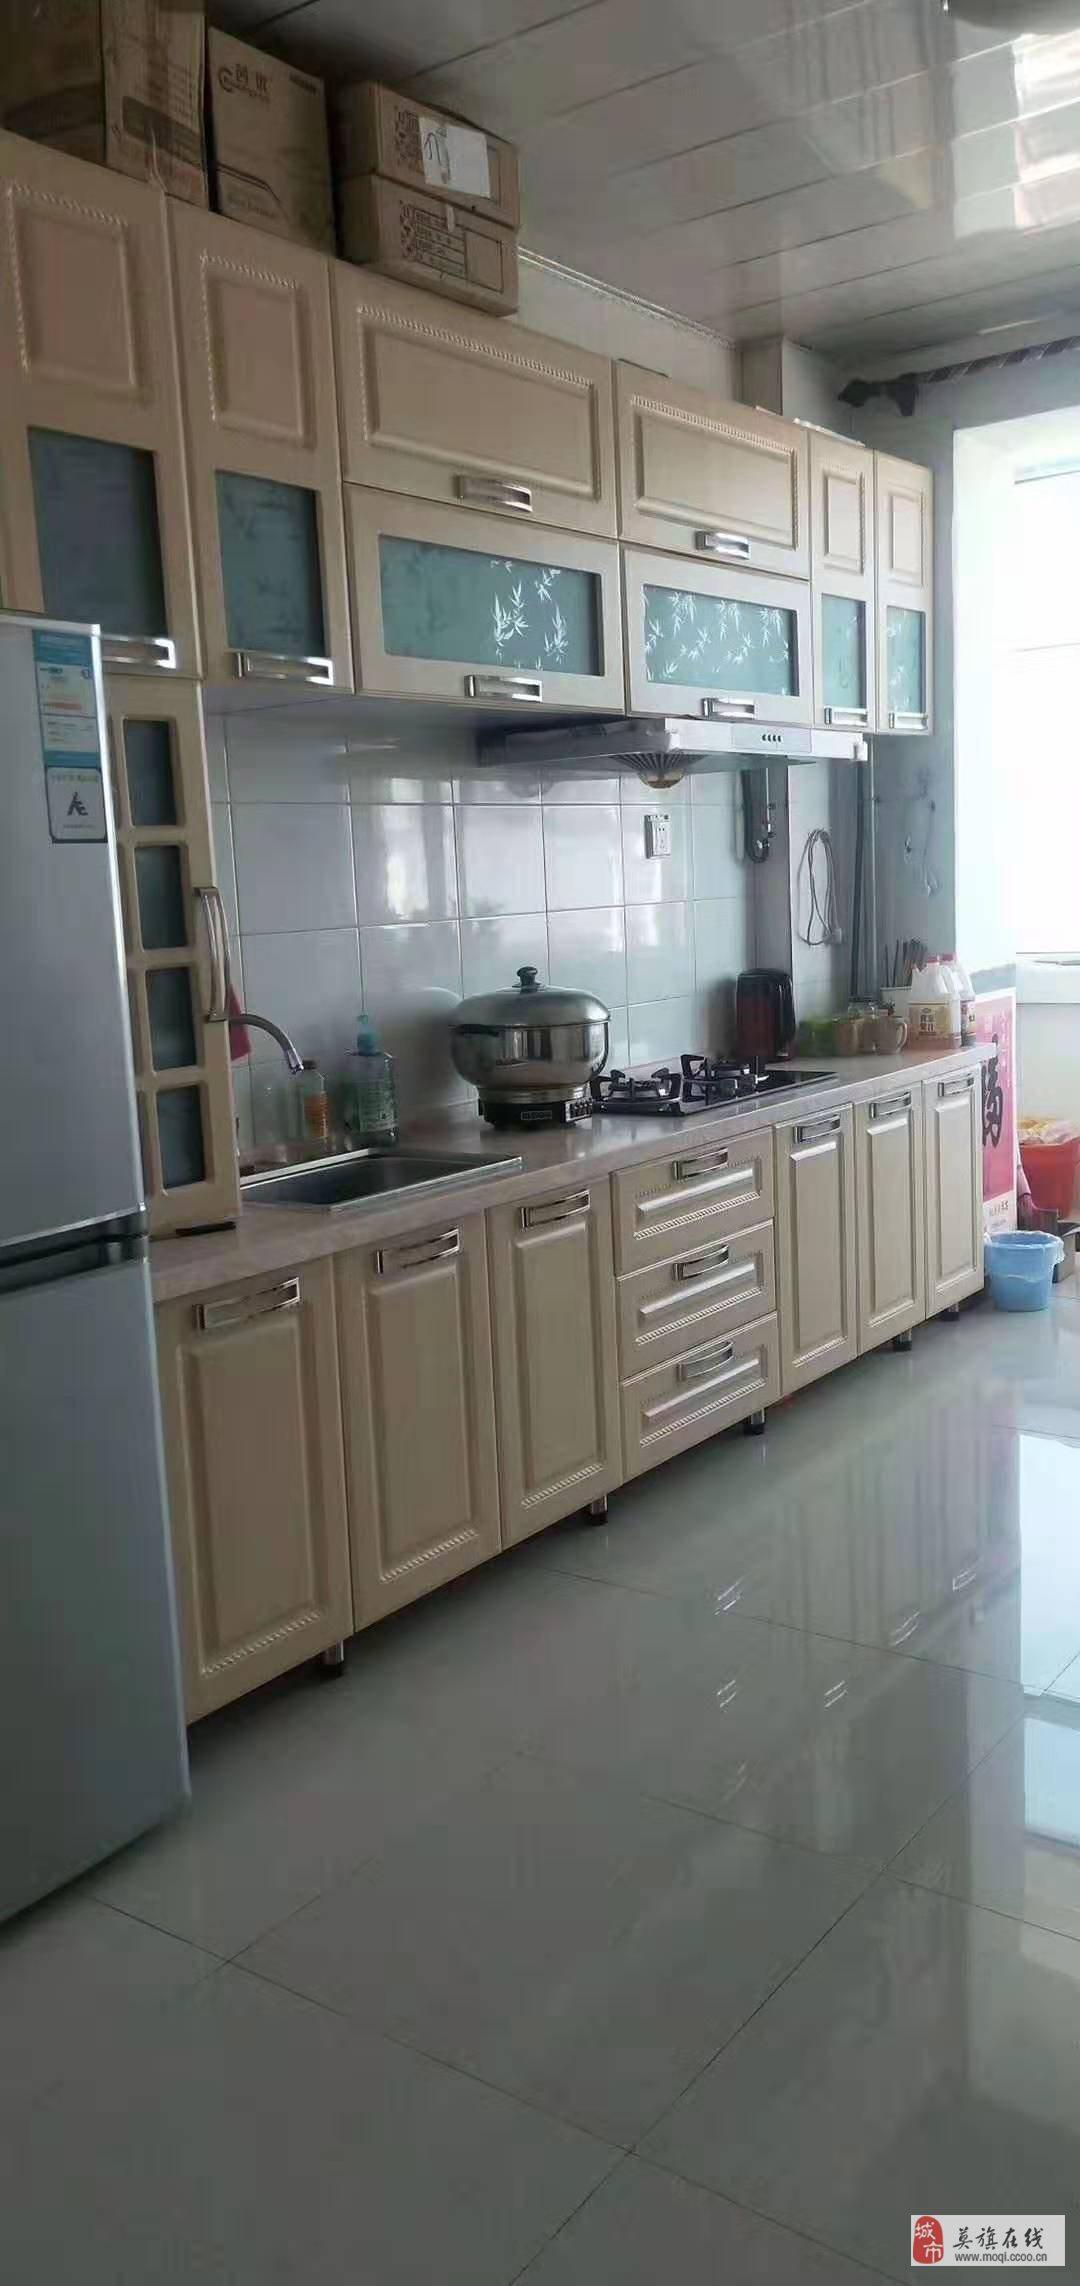 鑫惠小鎮2室1廳1衛31萬元